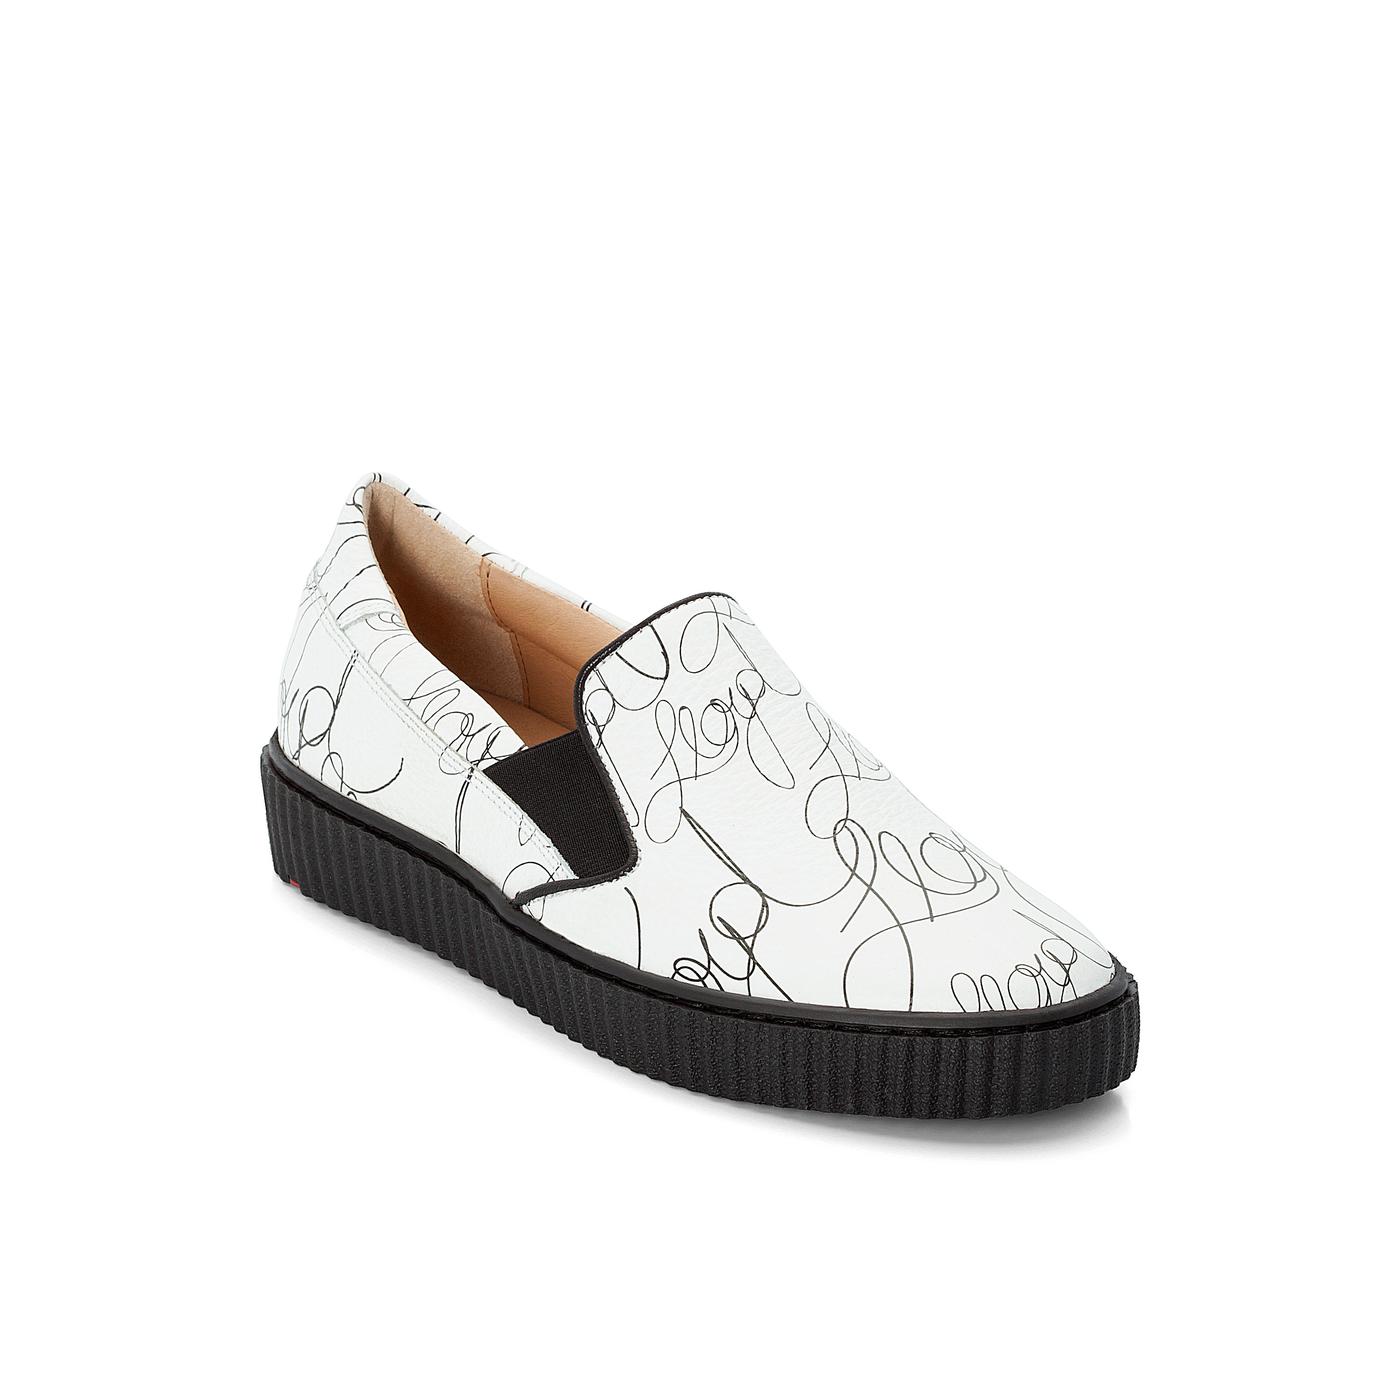 SLIPPER | Schuhe > Slipper | Weiss | Leder | Lloyd